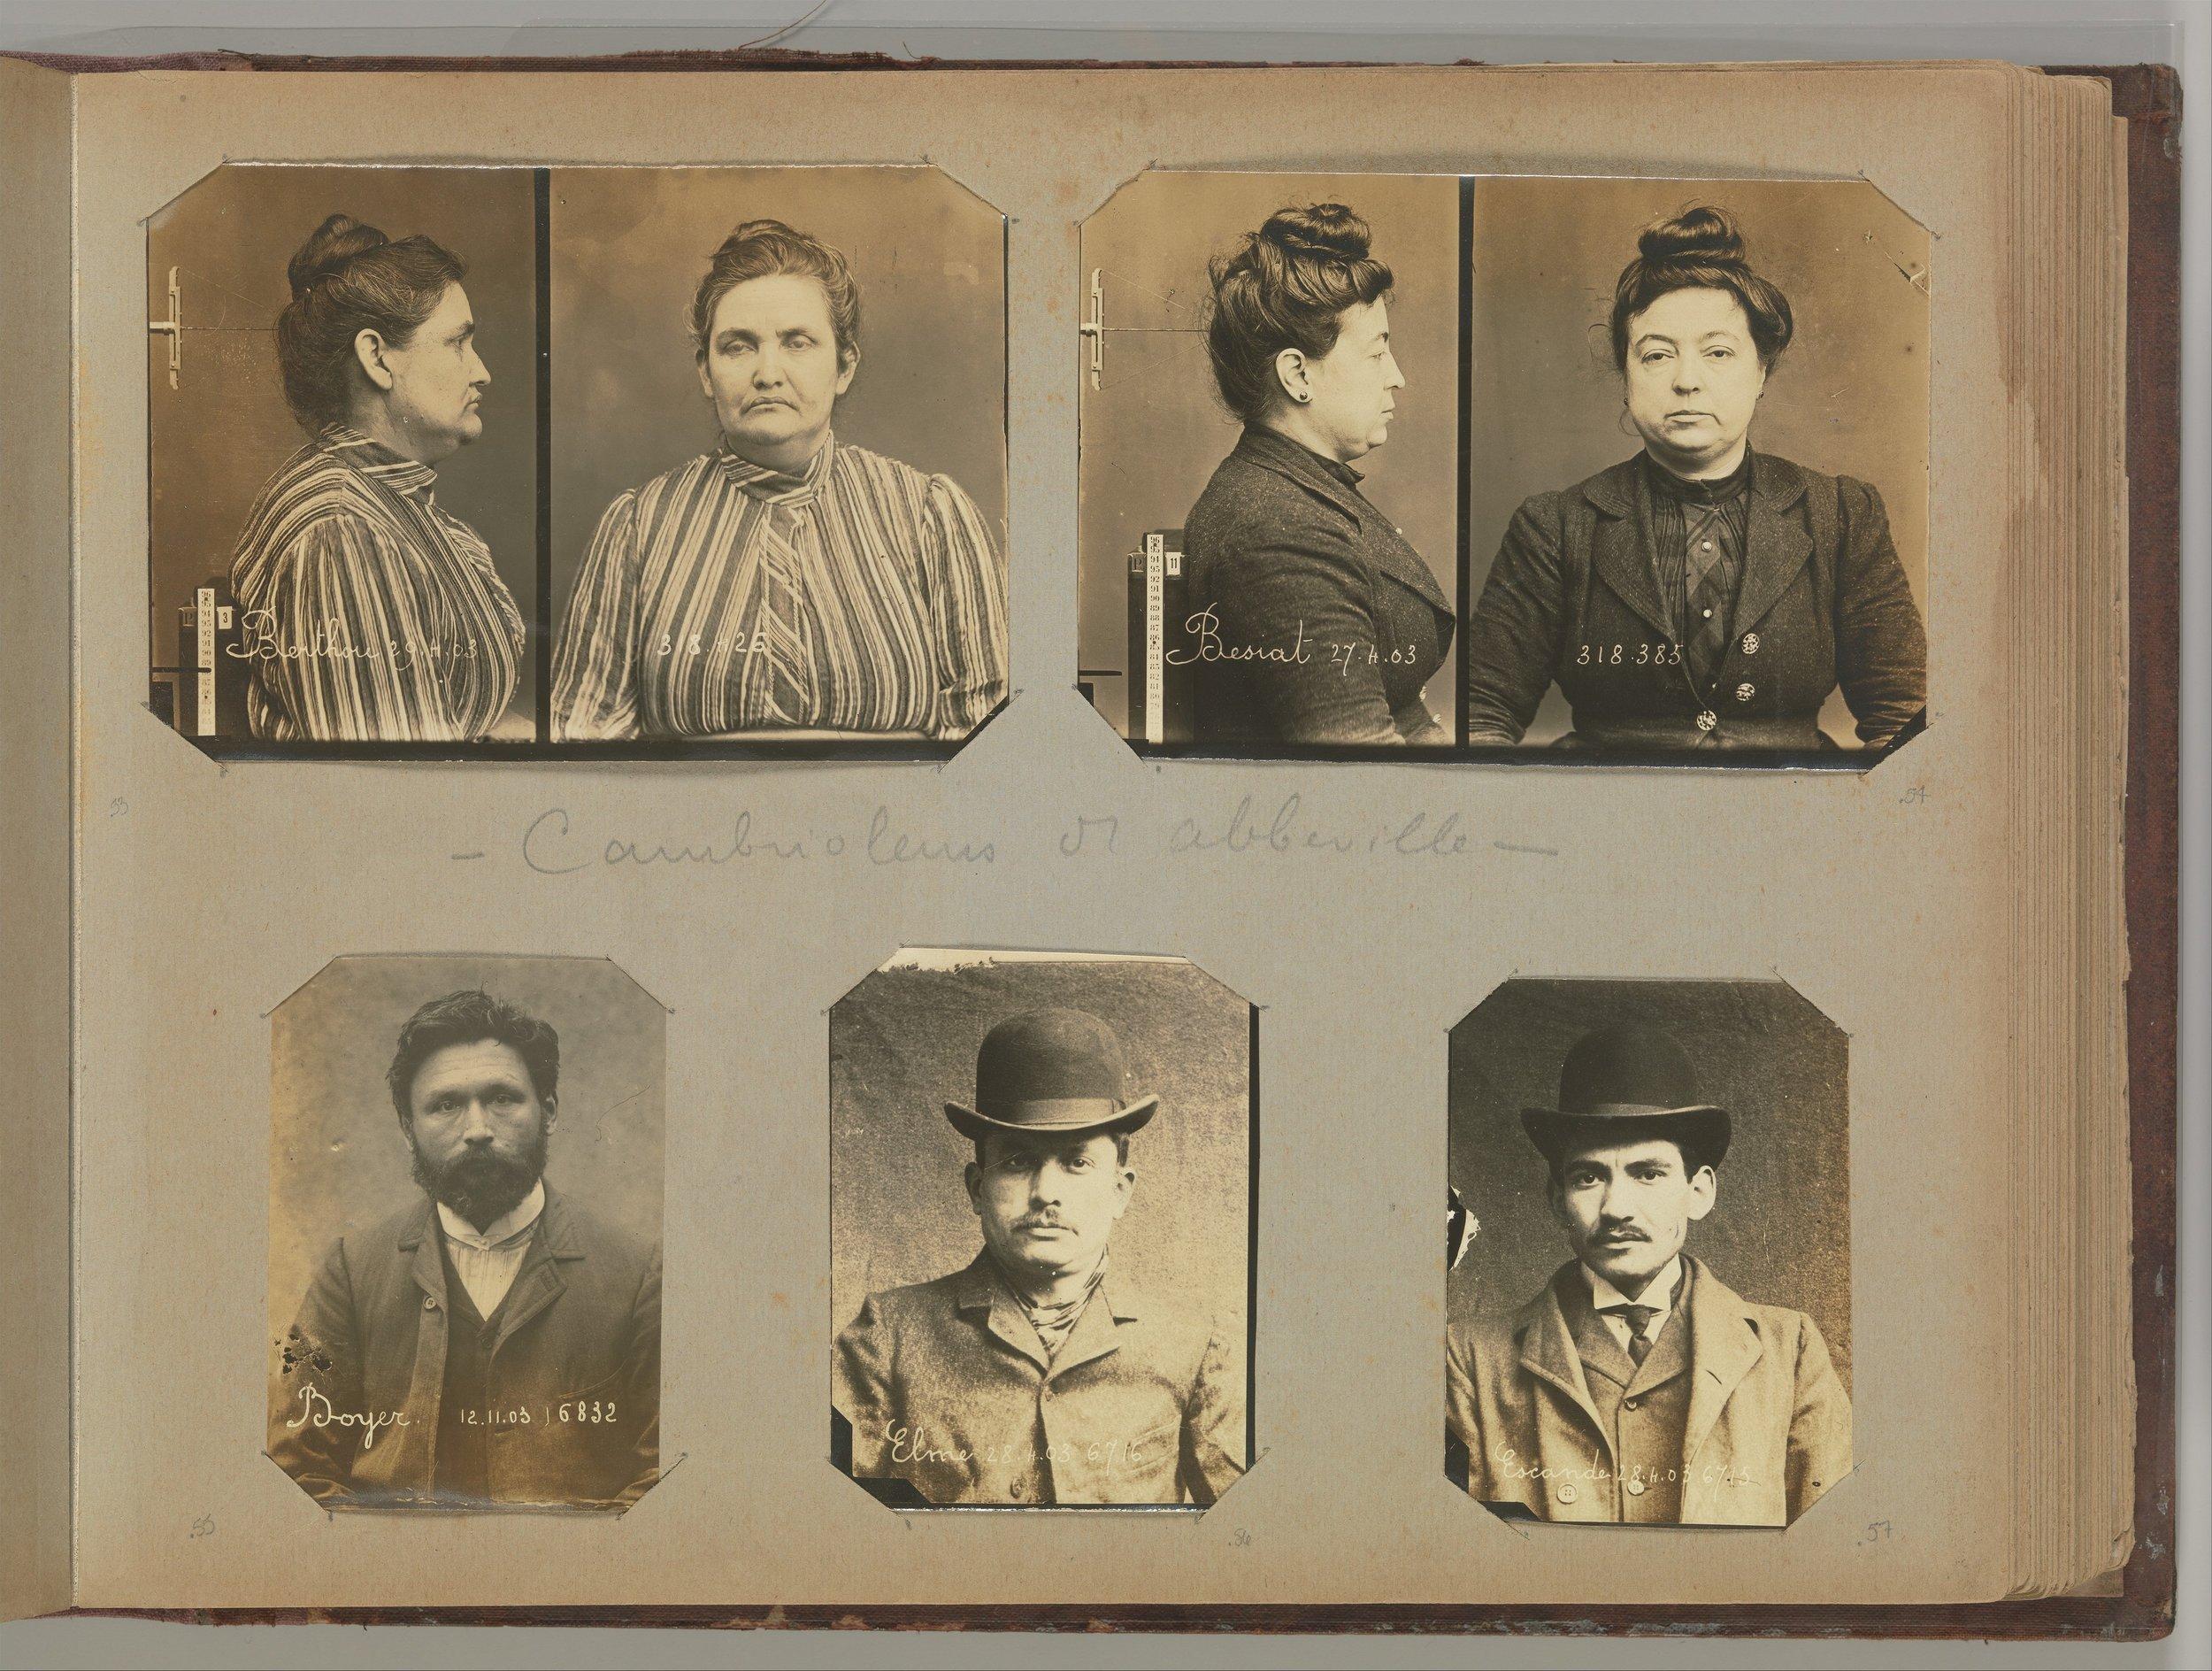 Alexandre Marius Jacob, abajo a la derecha, junto al resto de su banda. Fotografías:Alphonse Bertillon